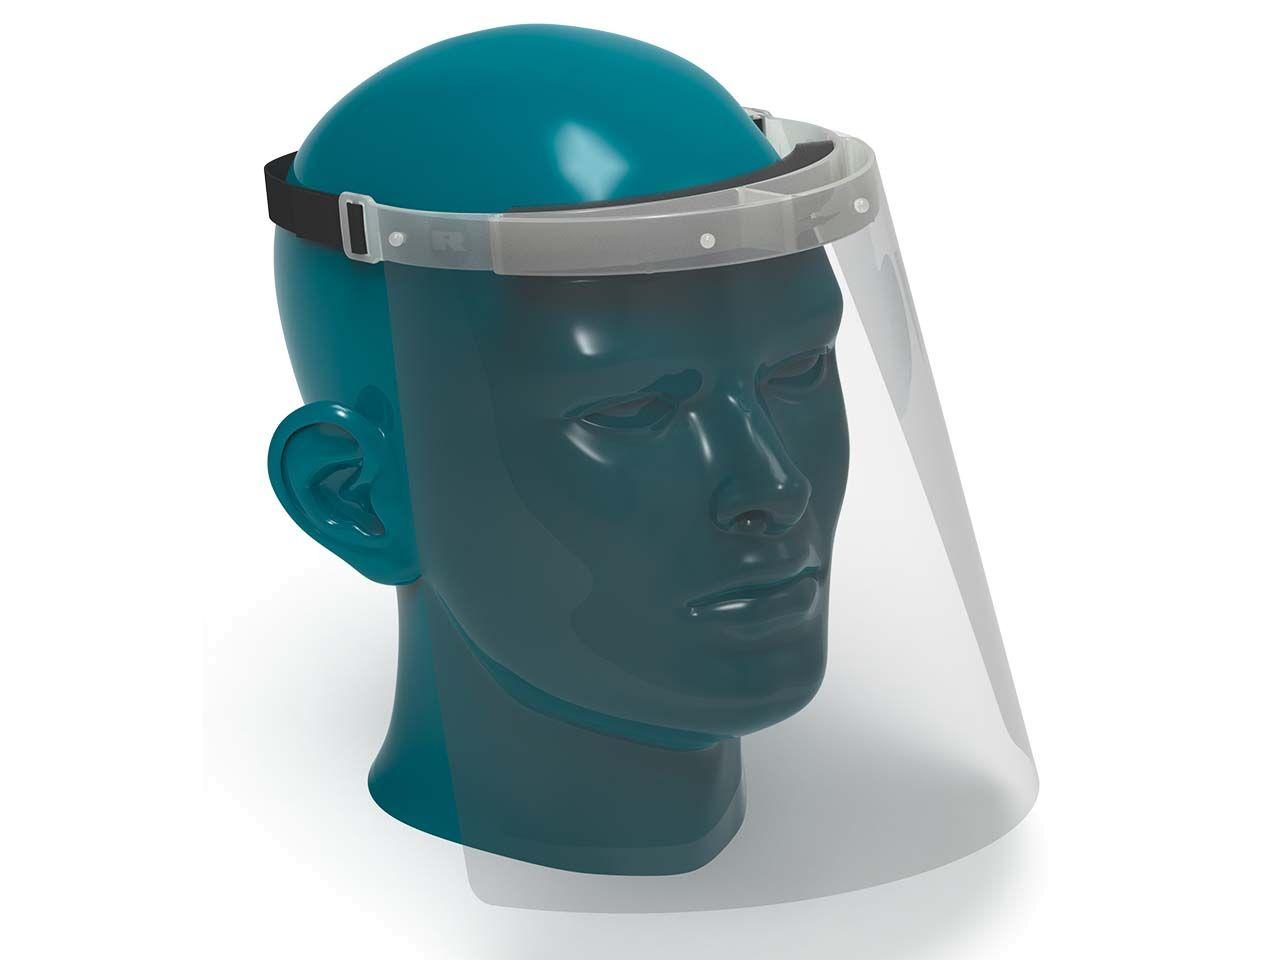 Renz Gesichtsschutz 4798000100